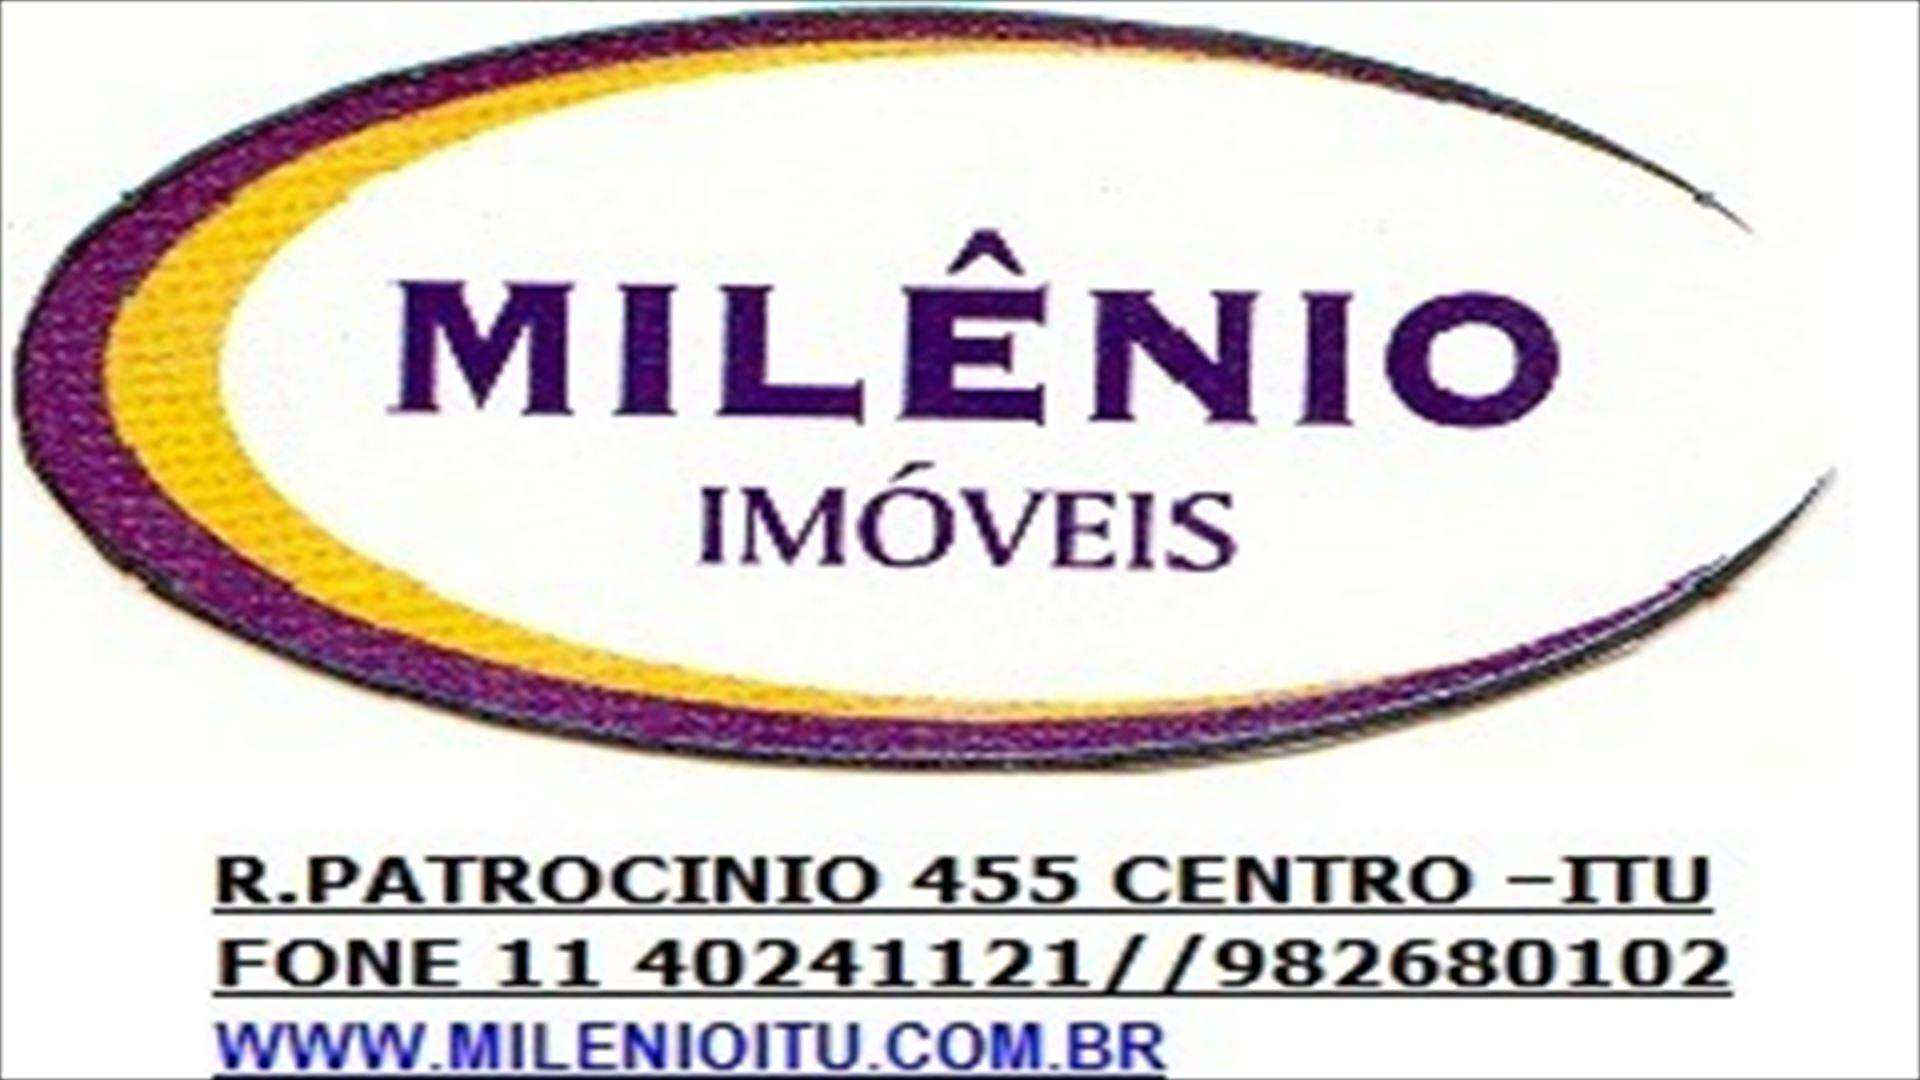 166000-LOGO_TIPO_MILENIO1.jpg